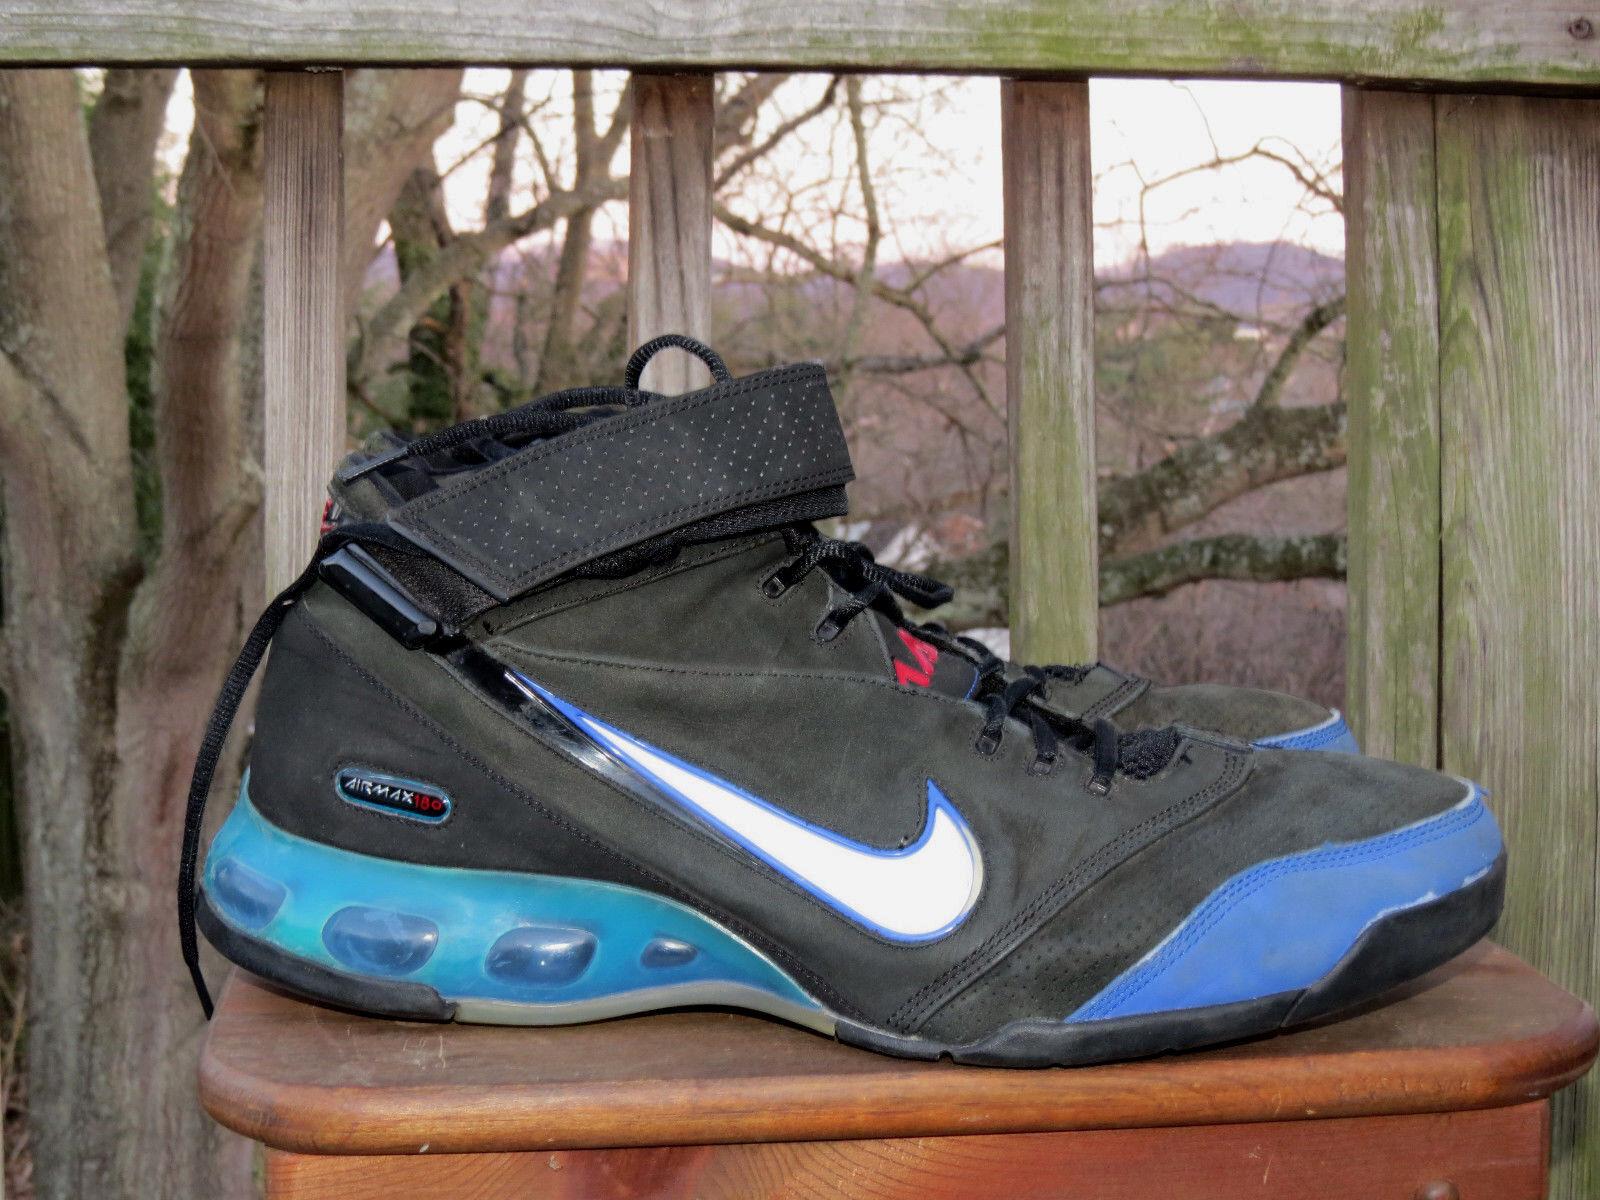 NIKE AIR MAX Tempo Uptempo Barkley 180 Pippen Penny Retro Mens Shoes Size 18